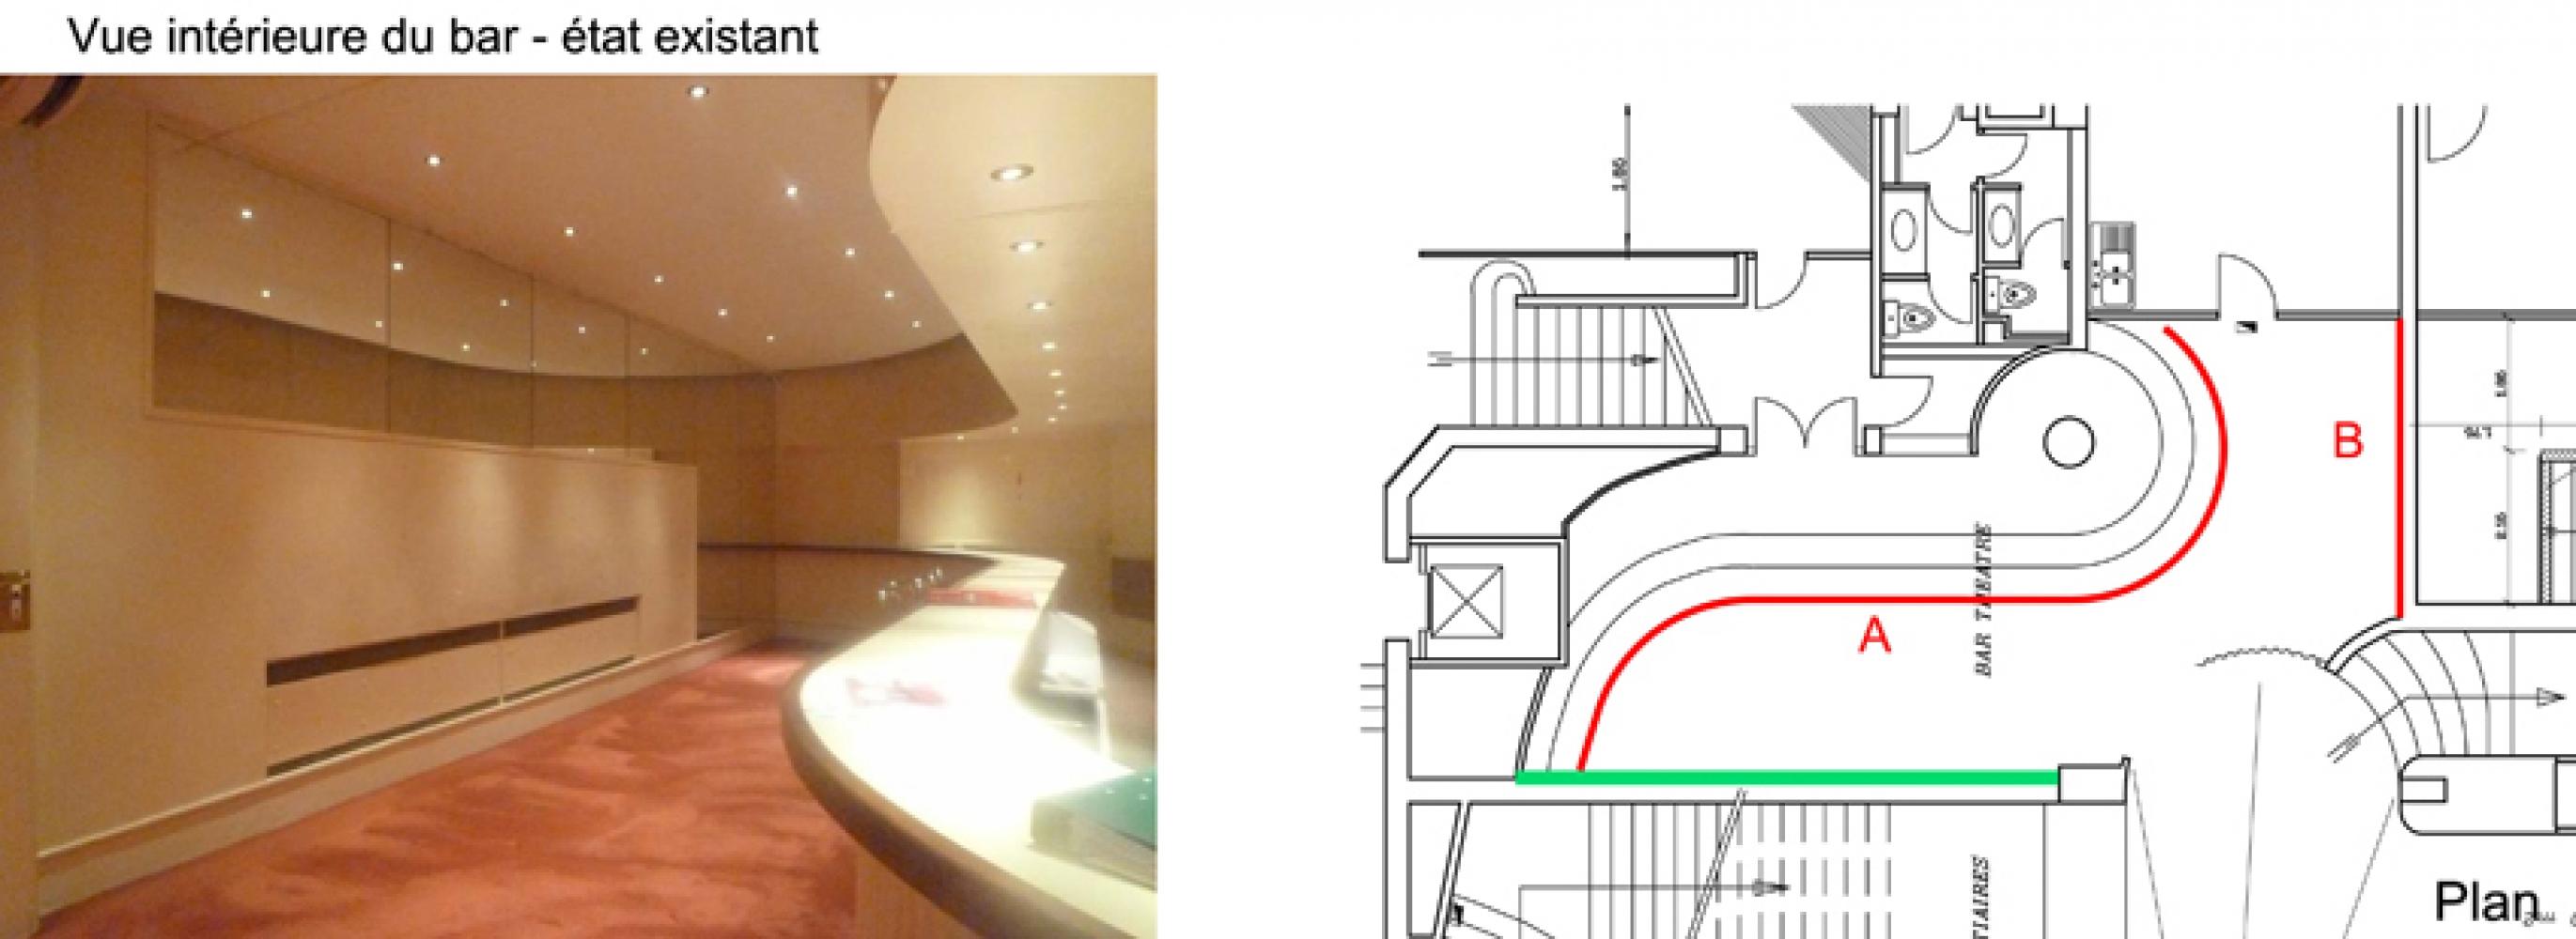 poissy01 Pascale SEURIN Architecte - Peintures